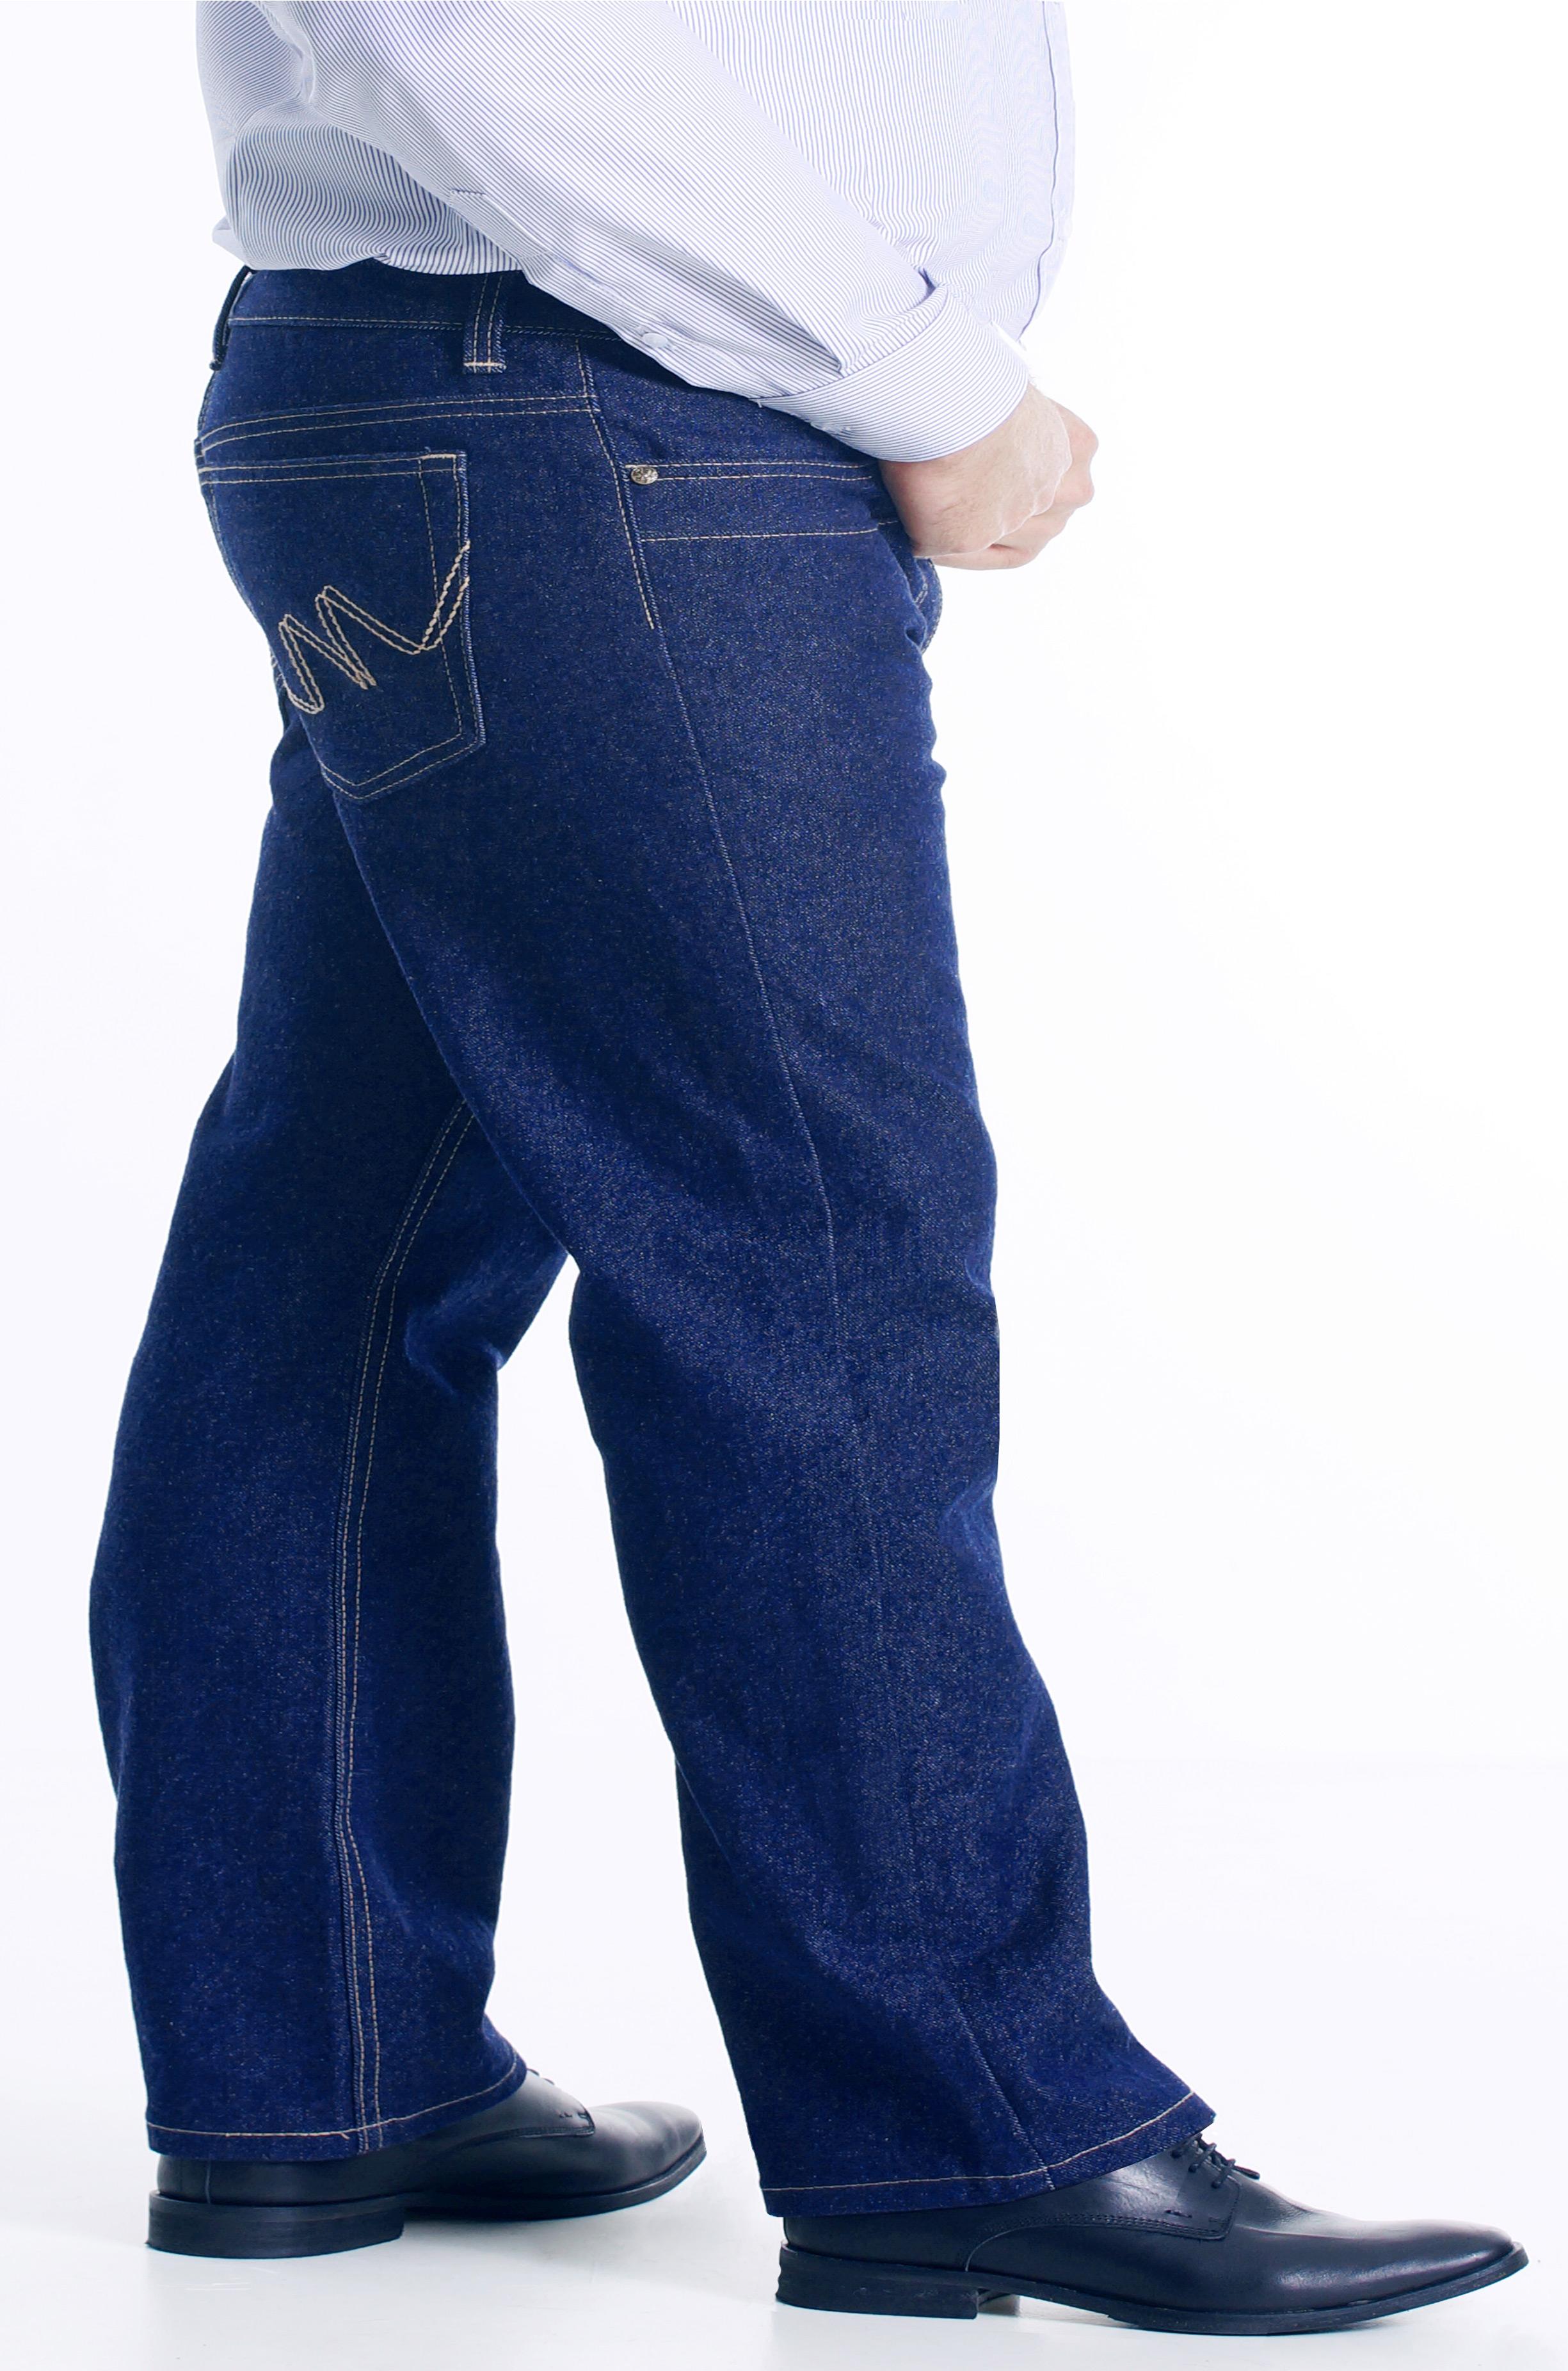 Jeans für männer mit bauch